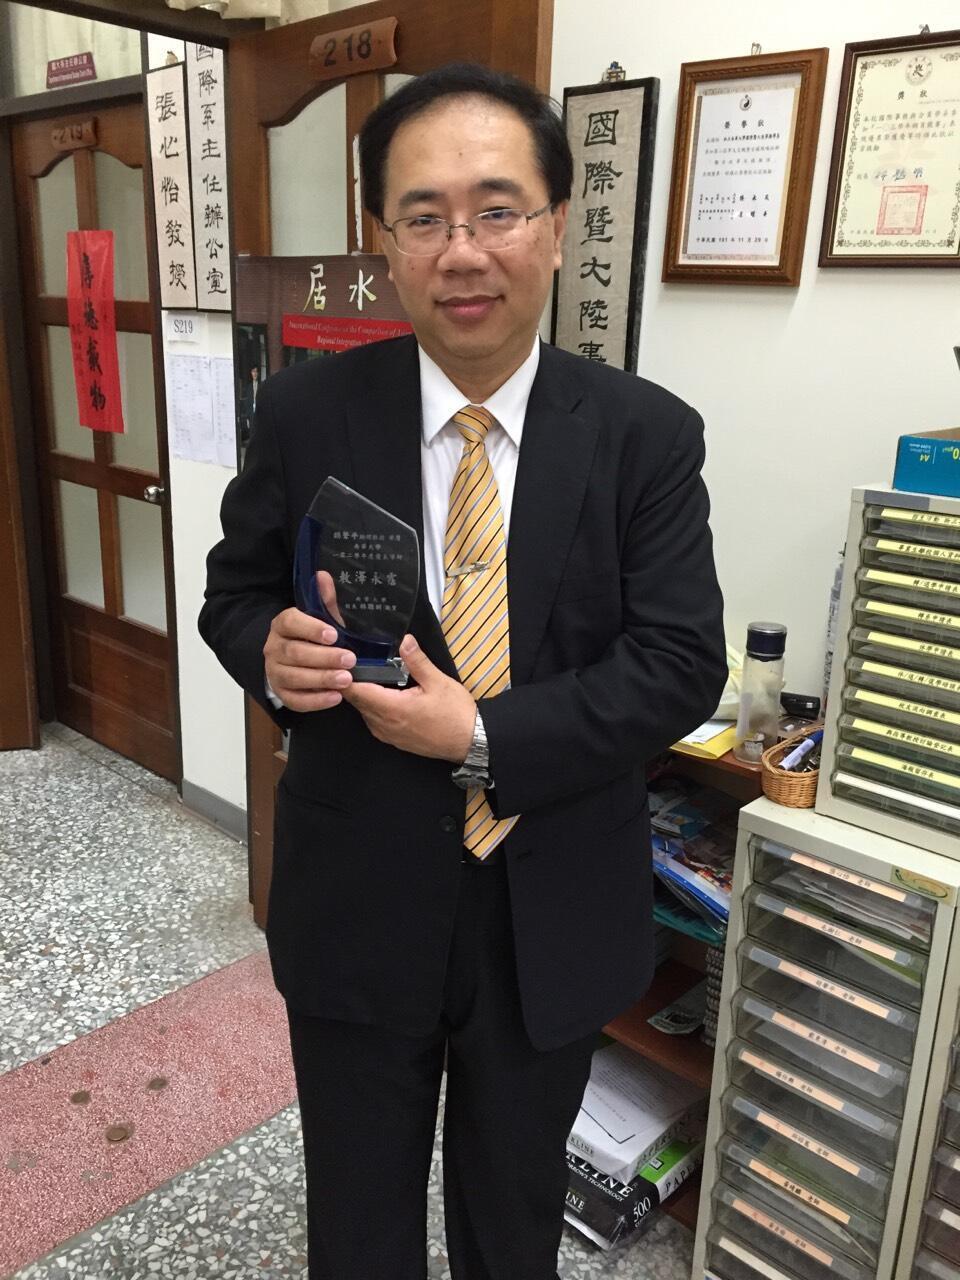 台湾南华大学国际事务与企业学系助理教授胡声平 HU SHENGPING